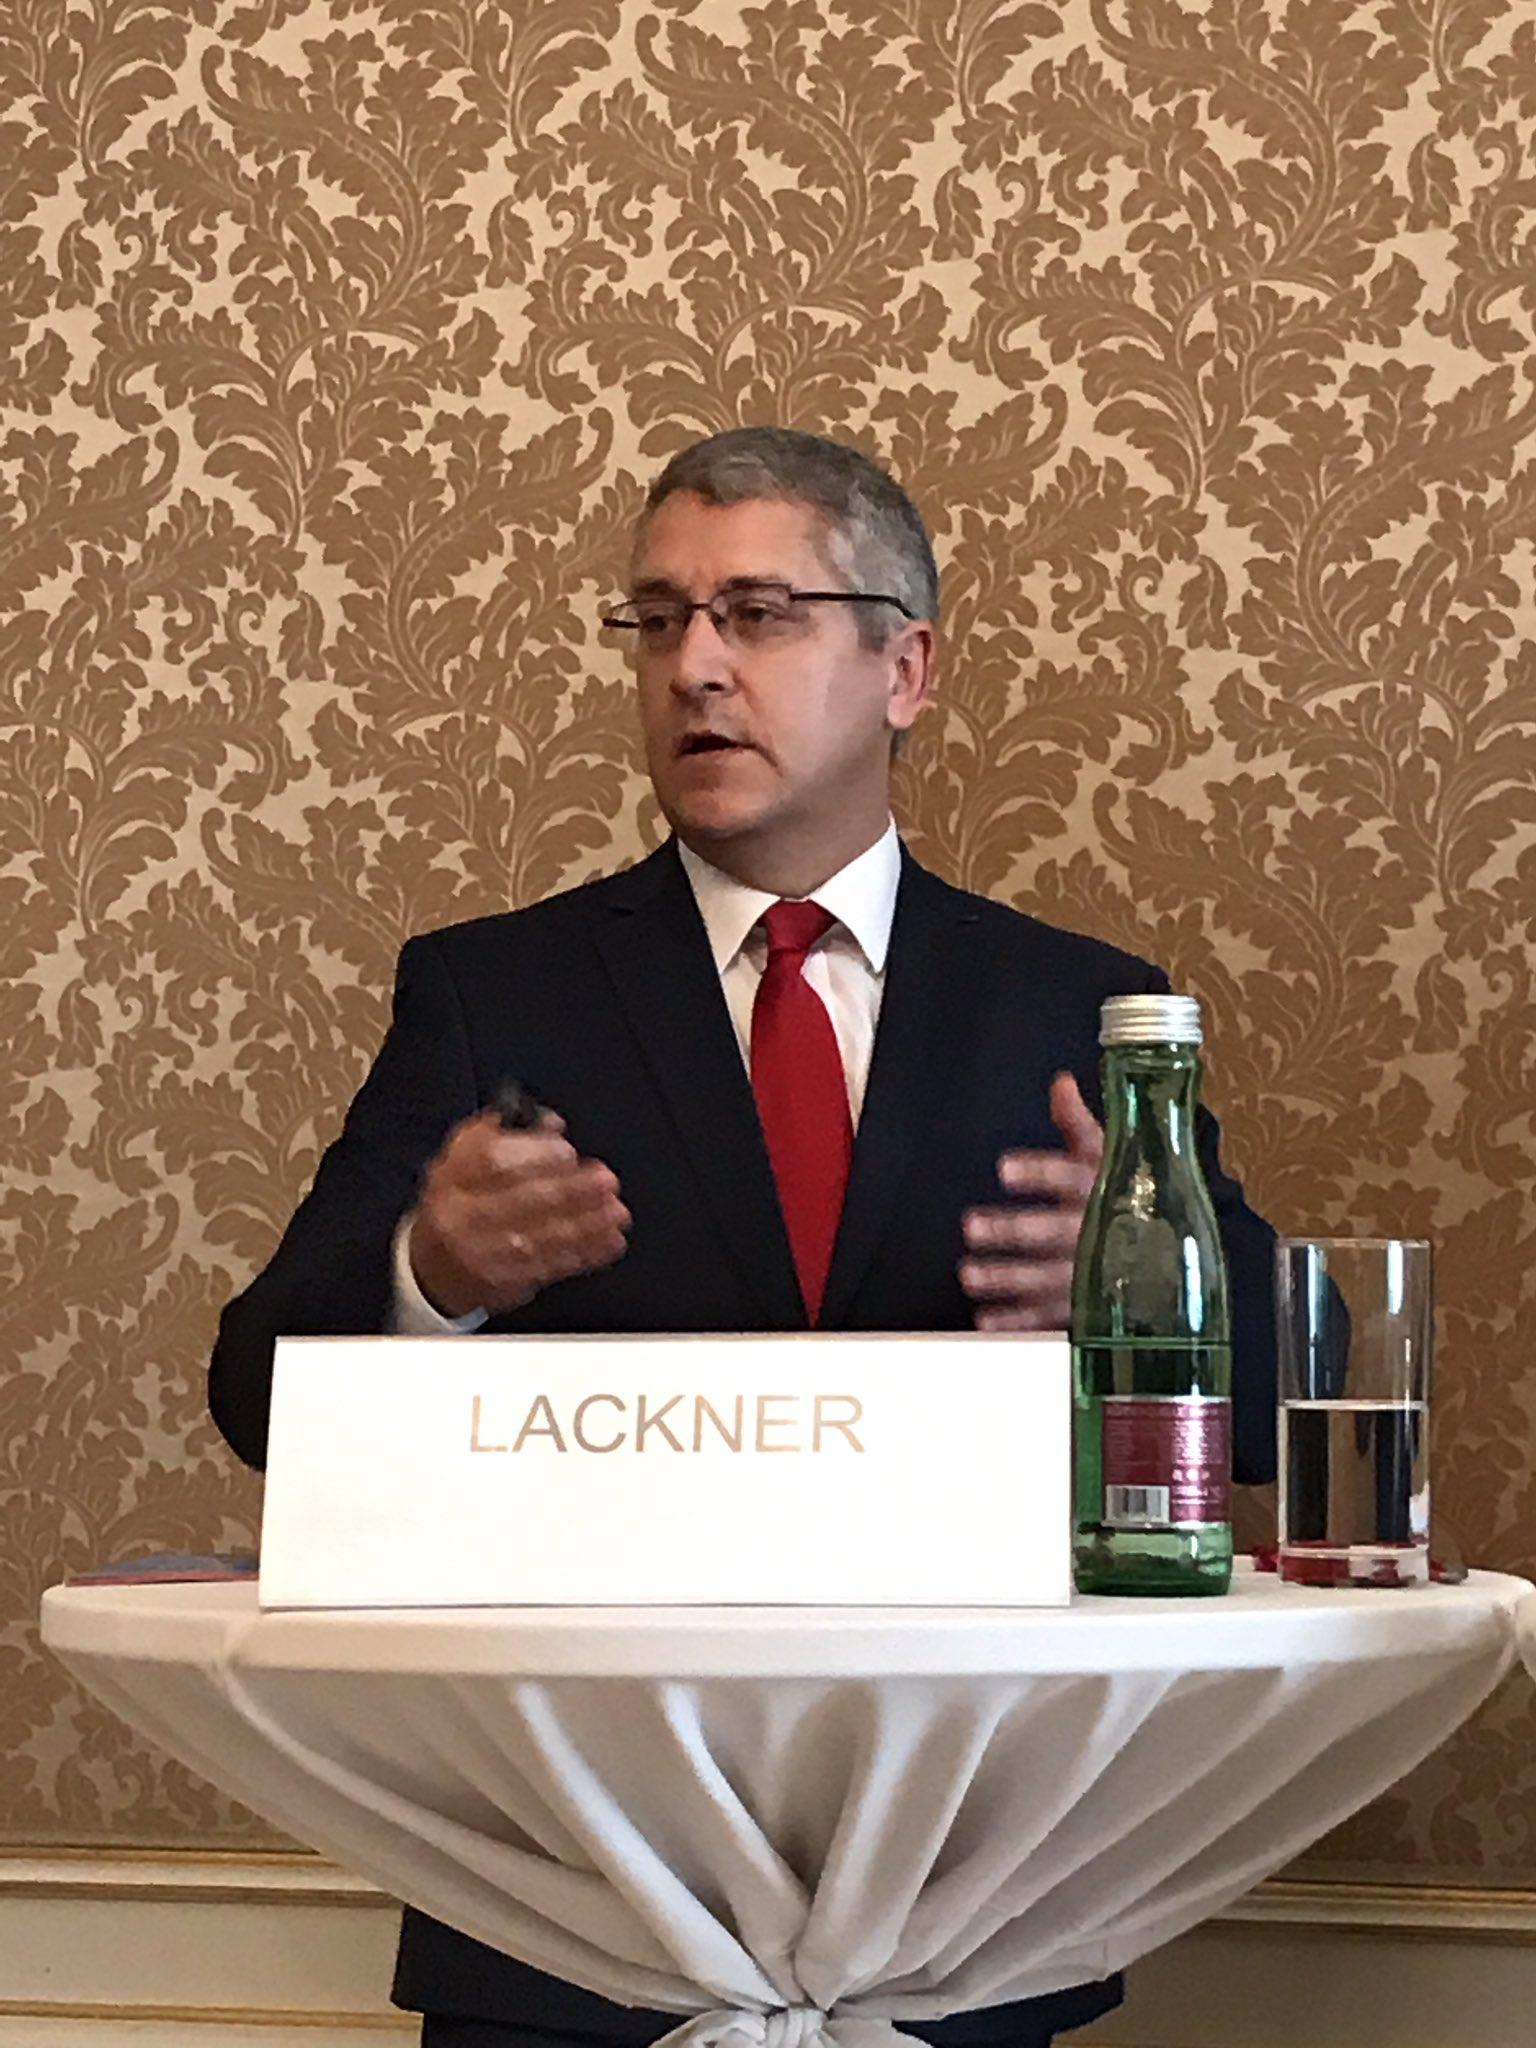 Mag. Wolfgang Lackner, Vorstandsvorsitzender der Europäischen Reiseversicherung AG, beginnt mit einem Rückblick aufs Reisejahr 2016. #erv110 https://t.co/SATBzvwZK2